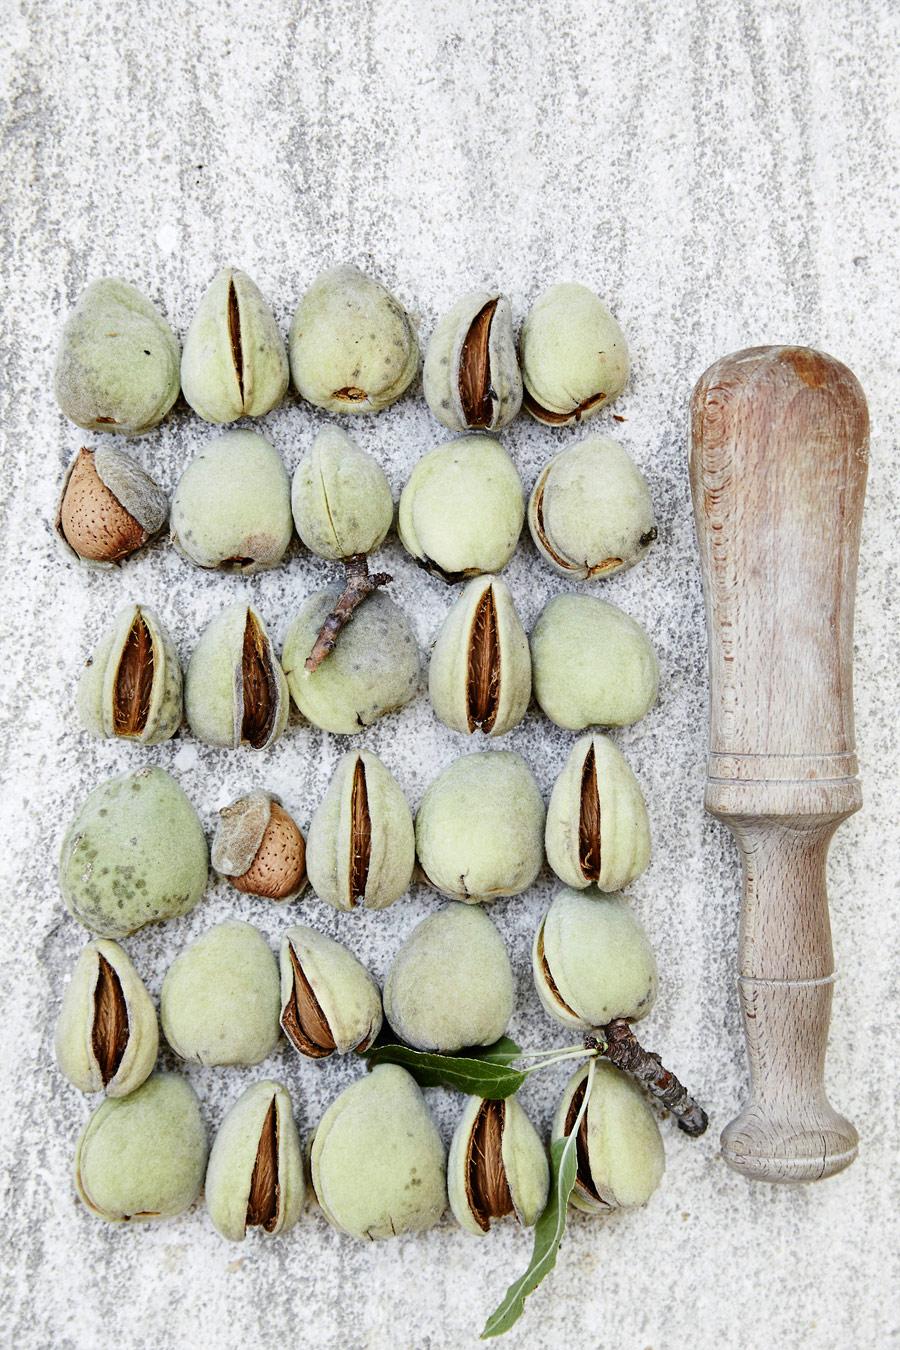 Миндаль, © Андерс Шеннеманн, Копенгаген, Дания, Первое место в категории «Редакционная» : профессионал, Конкурс фотографий еды «Вкус» — Taste